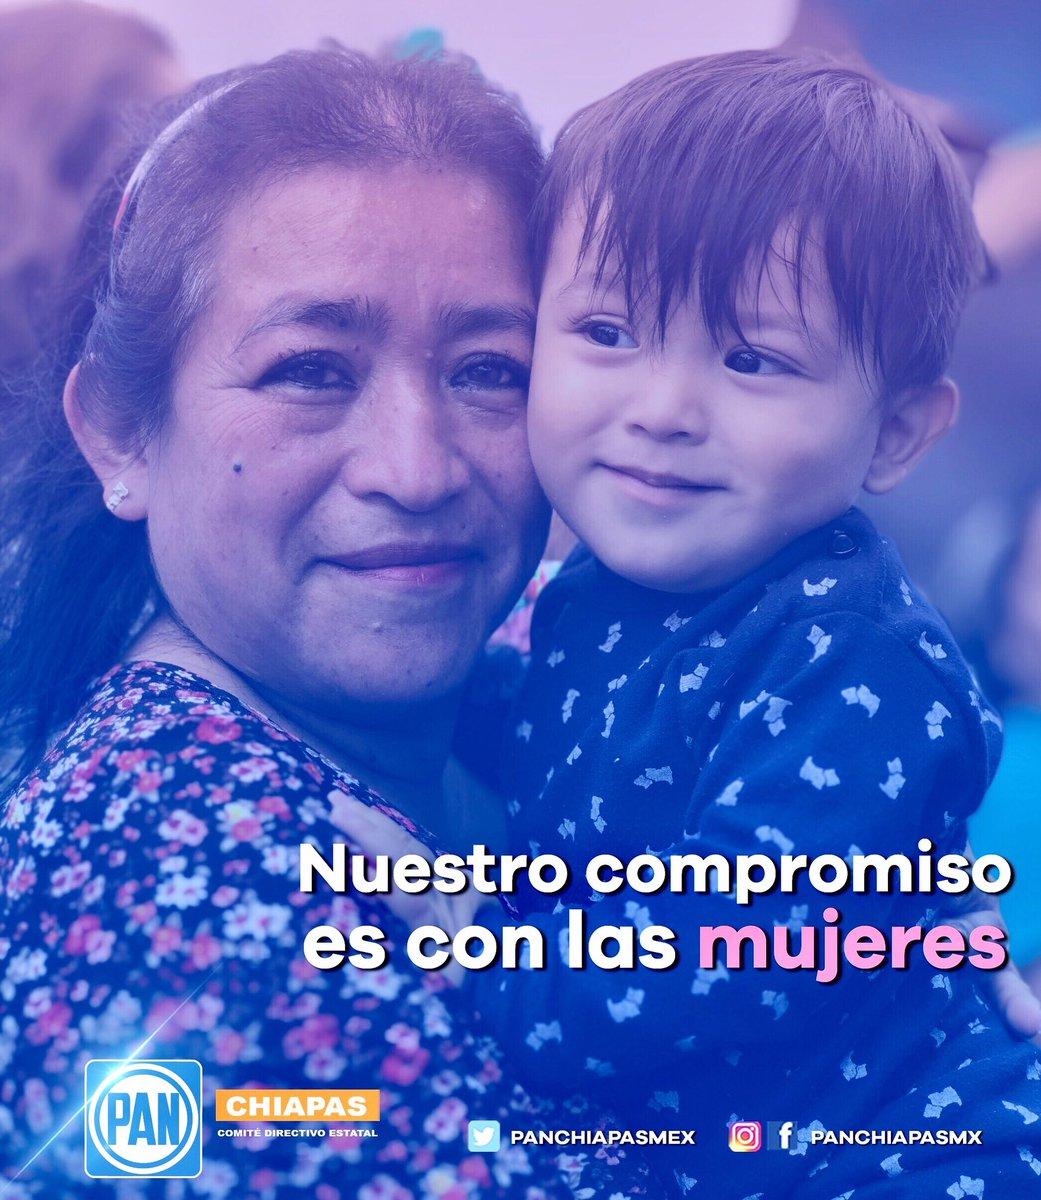 🔵 En el PAN Chiapas siempre trabajaremos por el bienestar de las mujeres y sus familias.